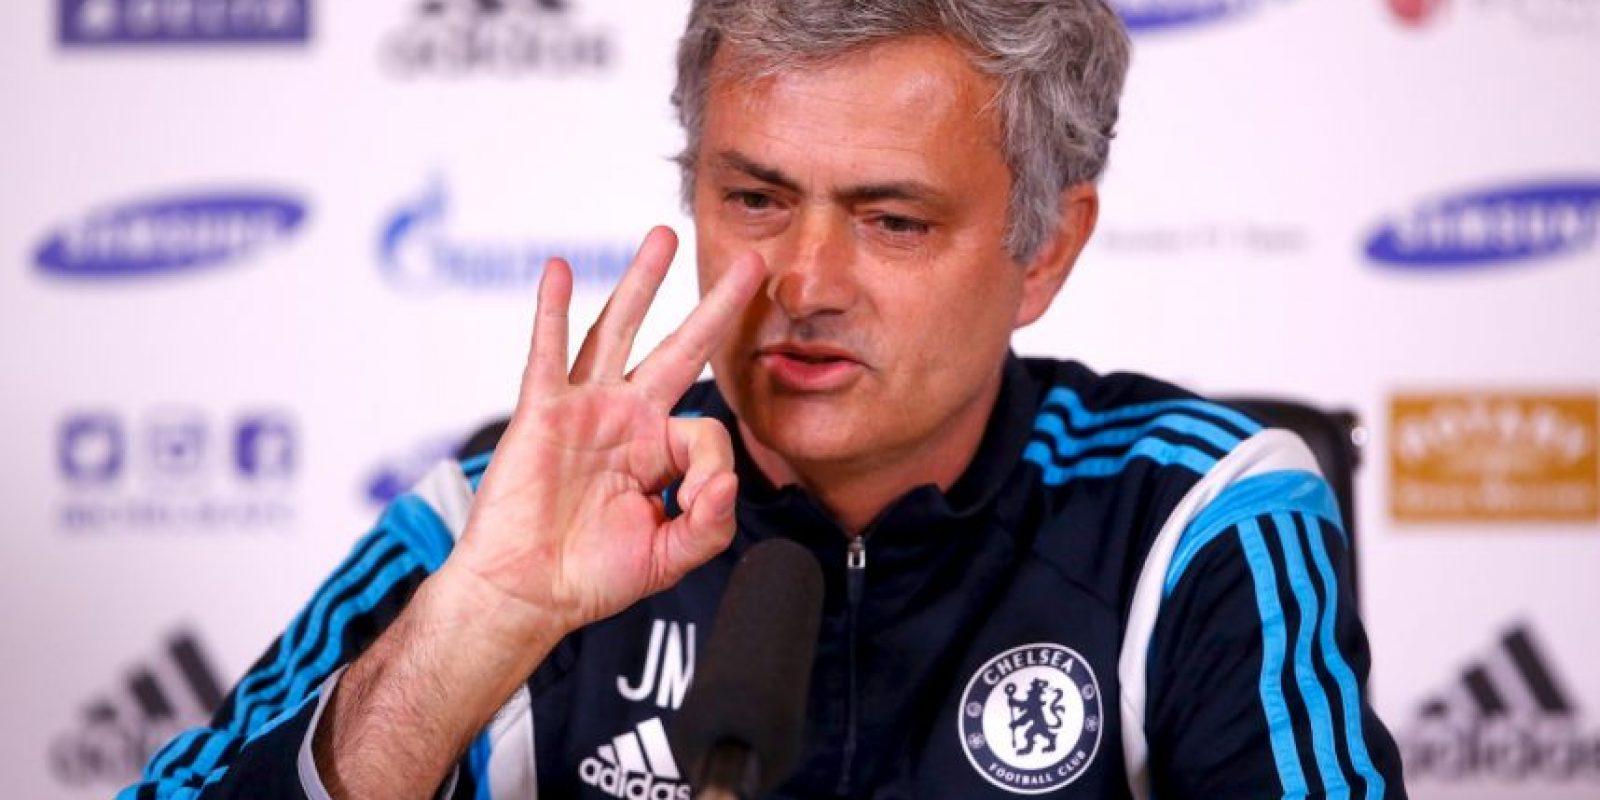 Su primer equipo como entrenador fue el Benfica en el año 2000. Foto:Getty Images